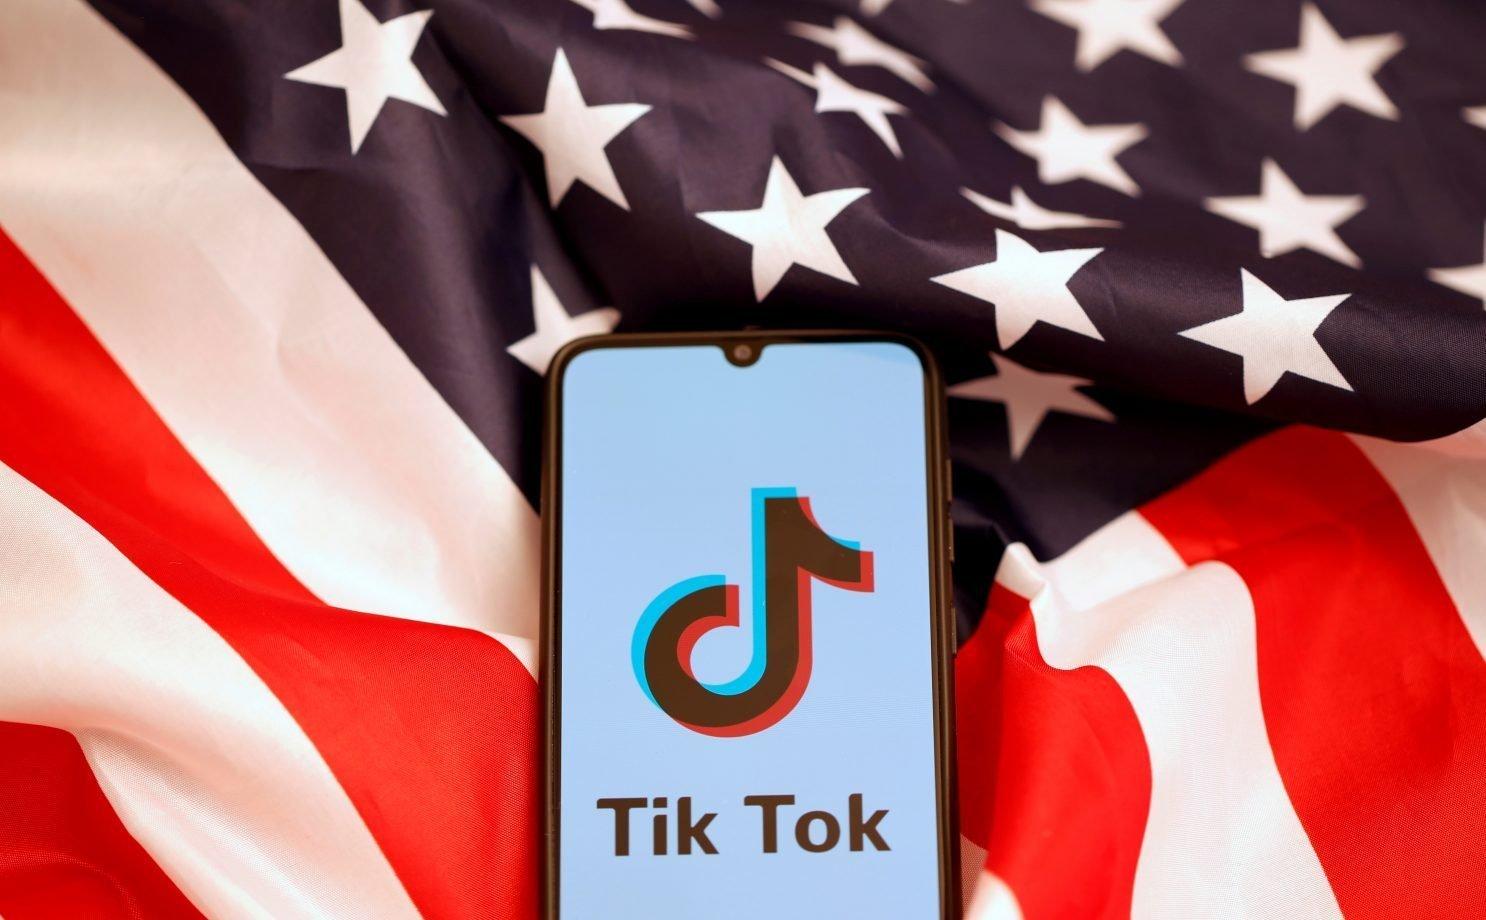 Estados Unidos estudam banir TikTok do país, diz secretário de Estado |  Exame